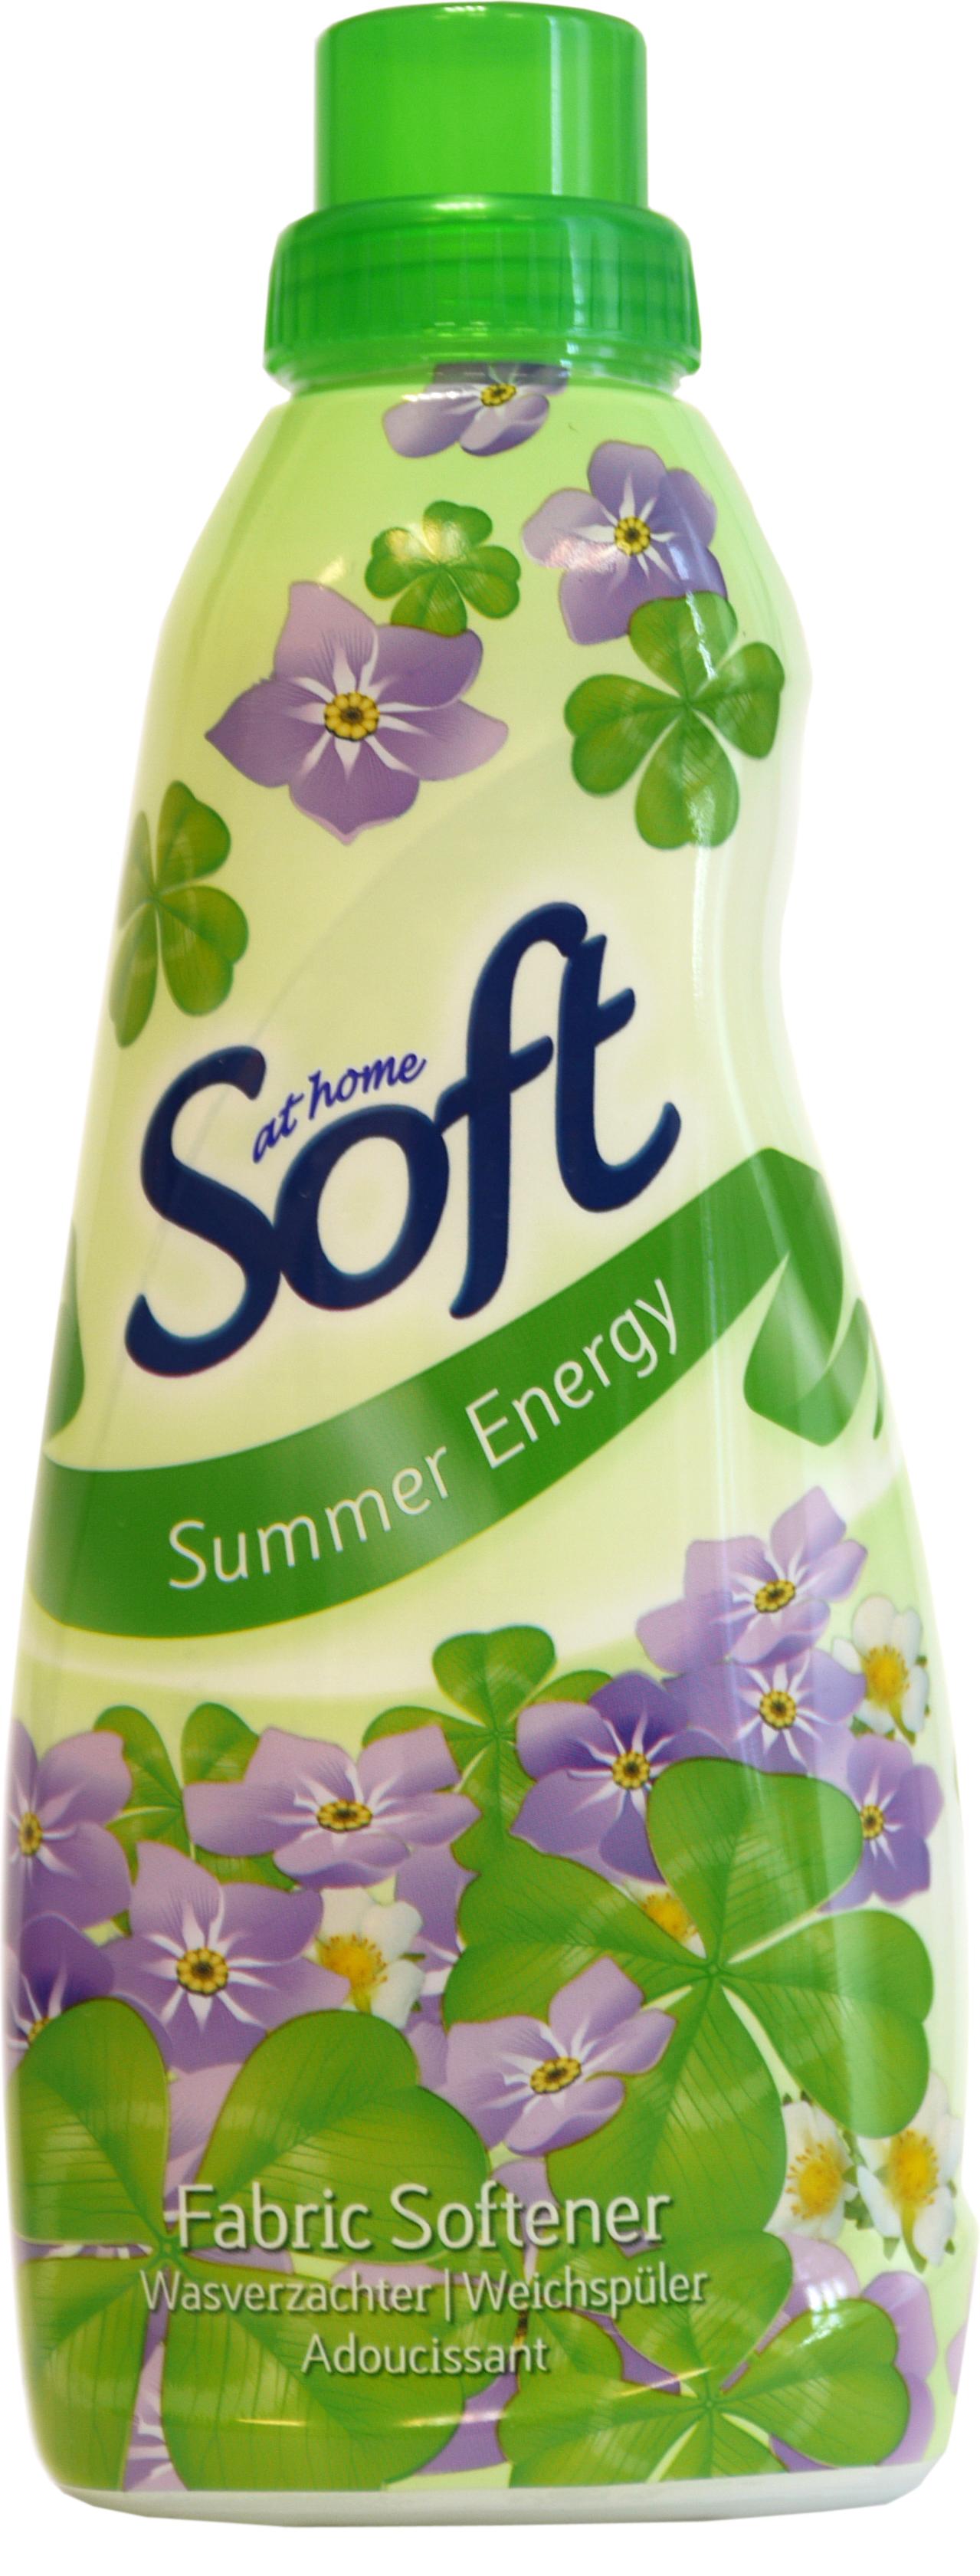 52642 - SOFT Weichspüler 750ml- Summer Energy (grün)